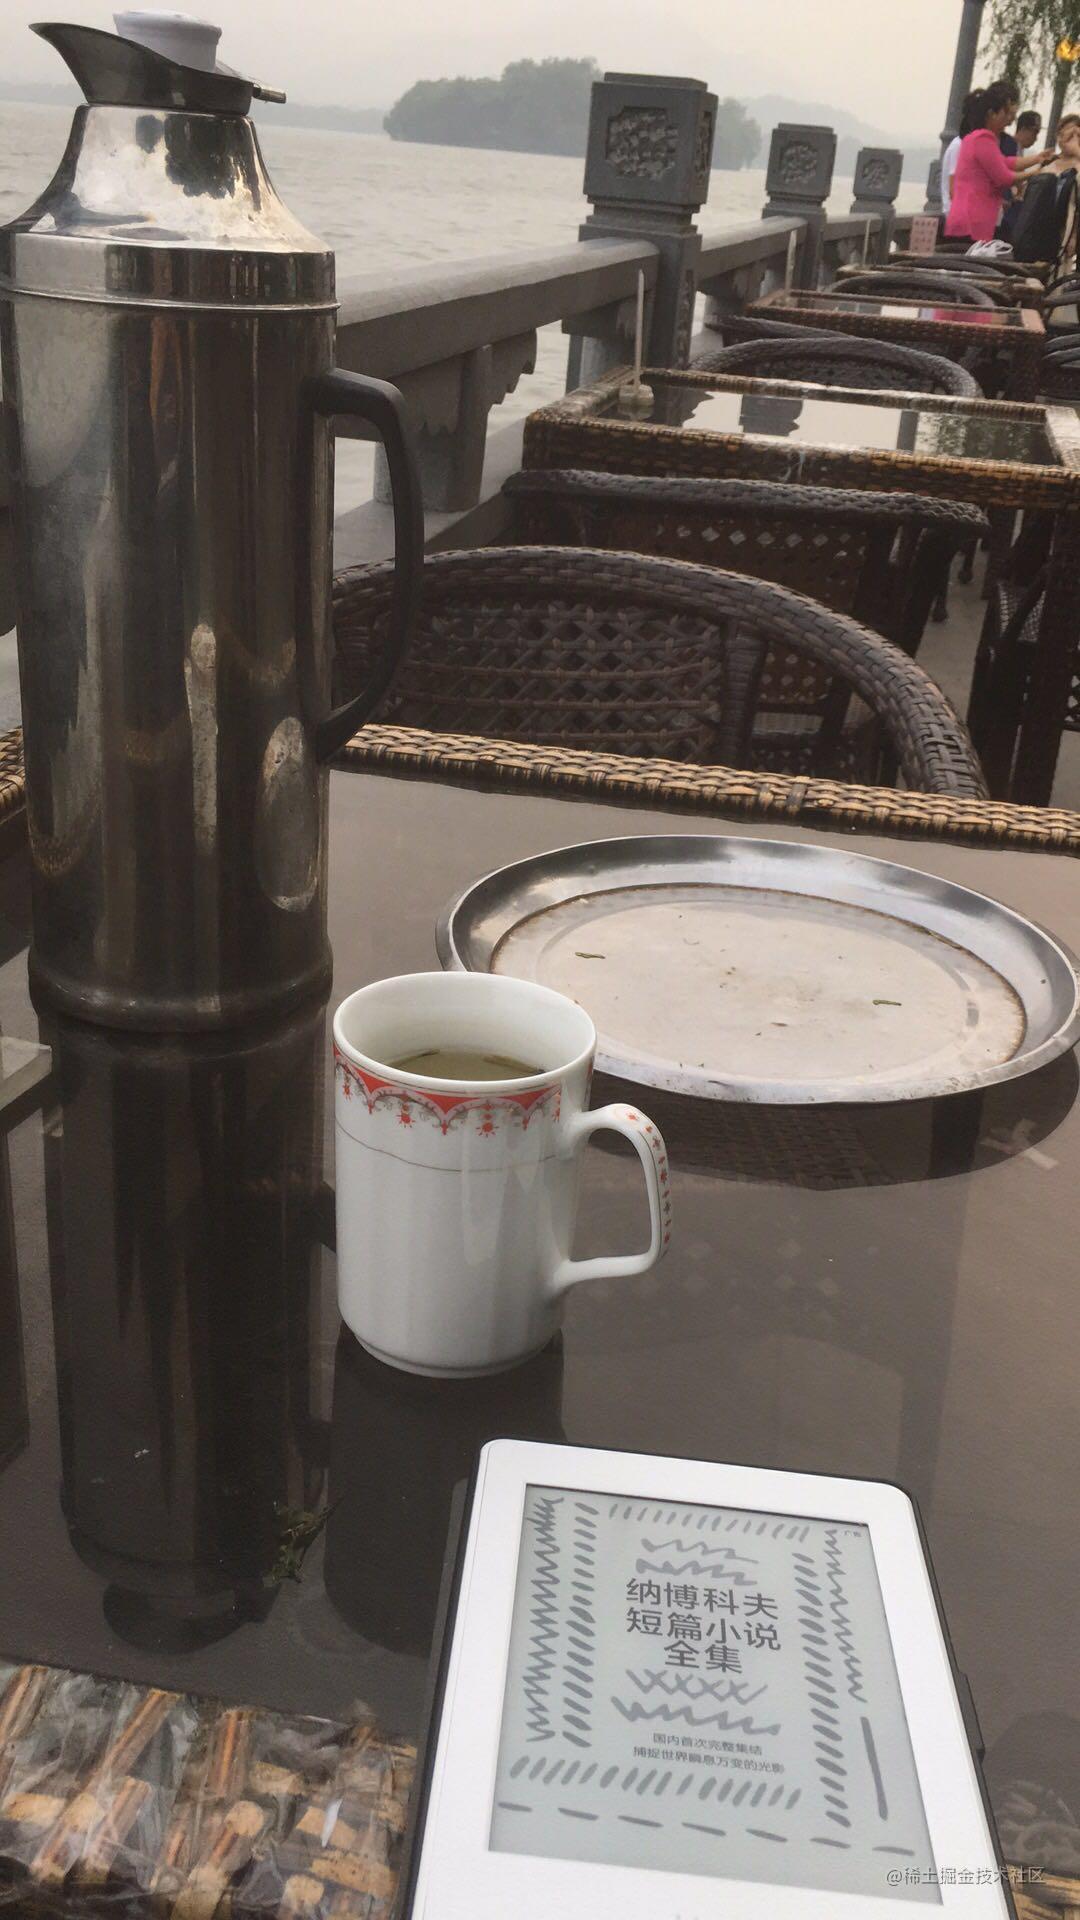 平湖秋月边修炼Rx